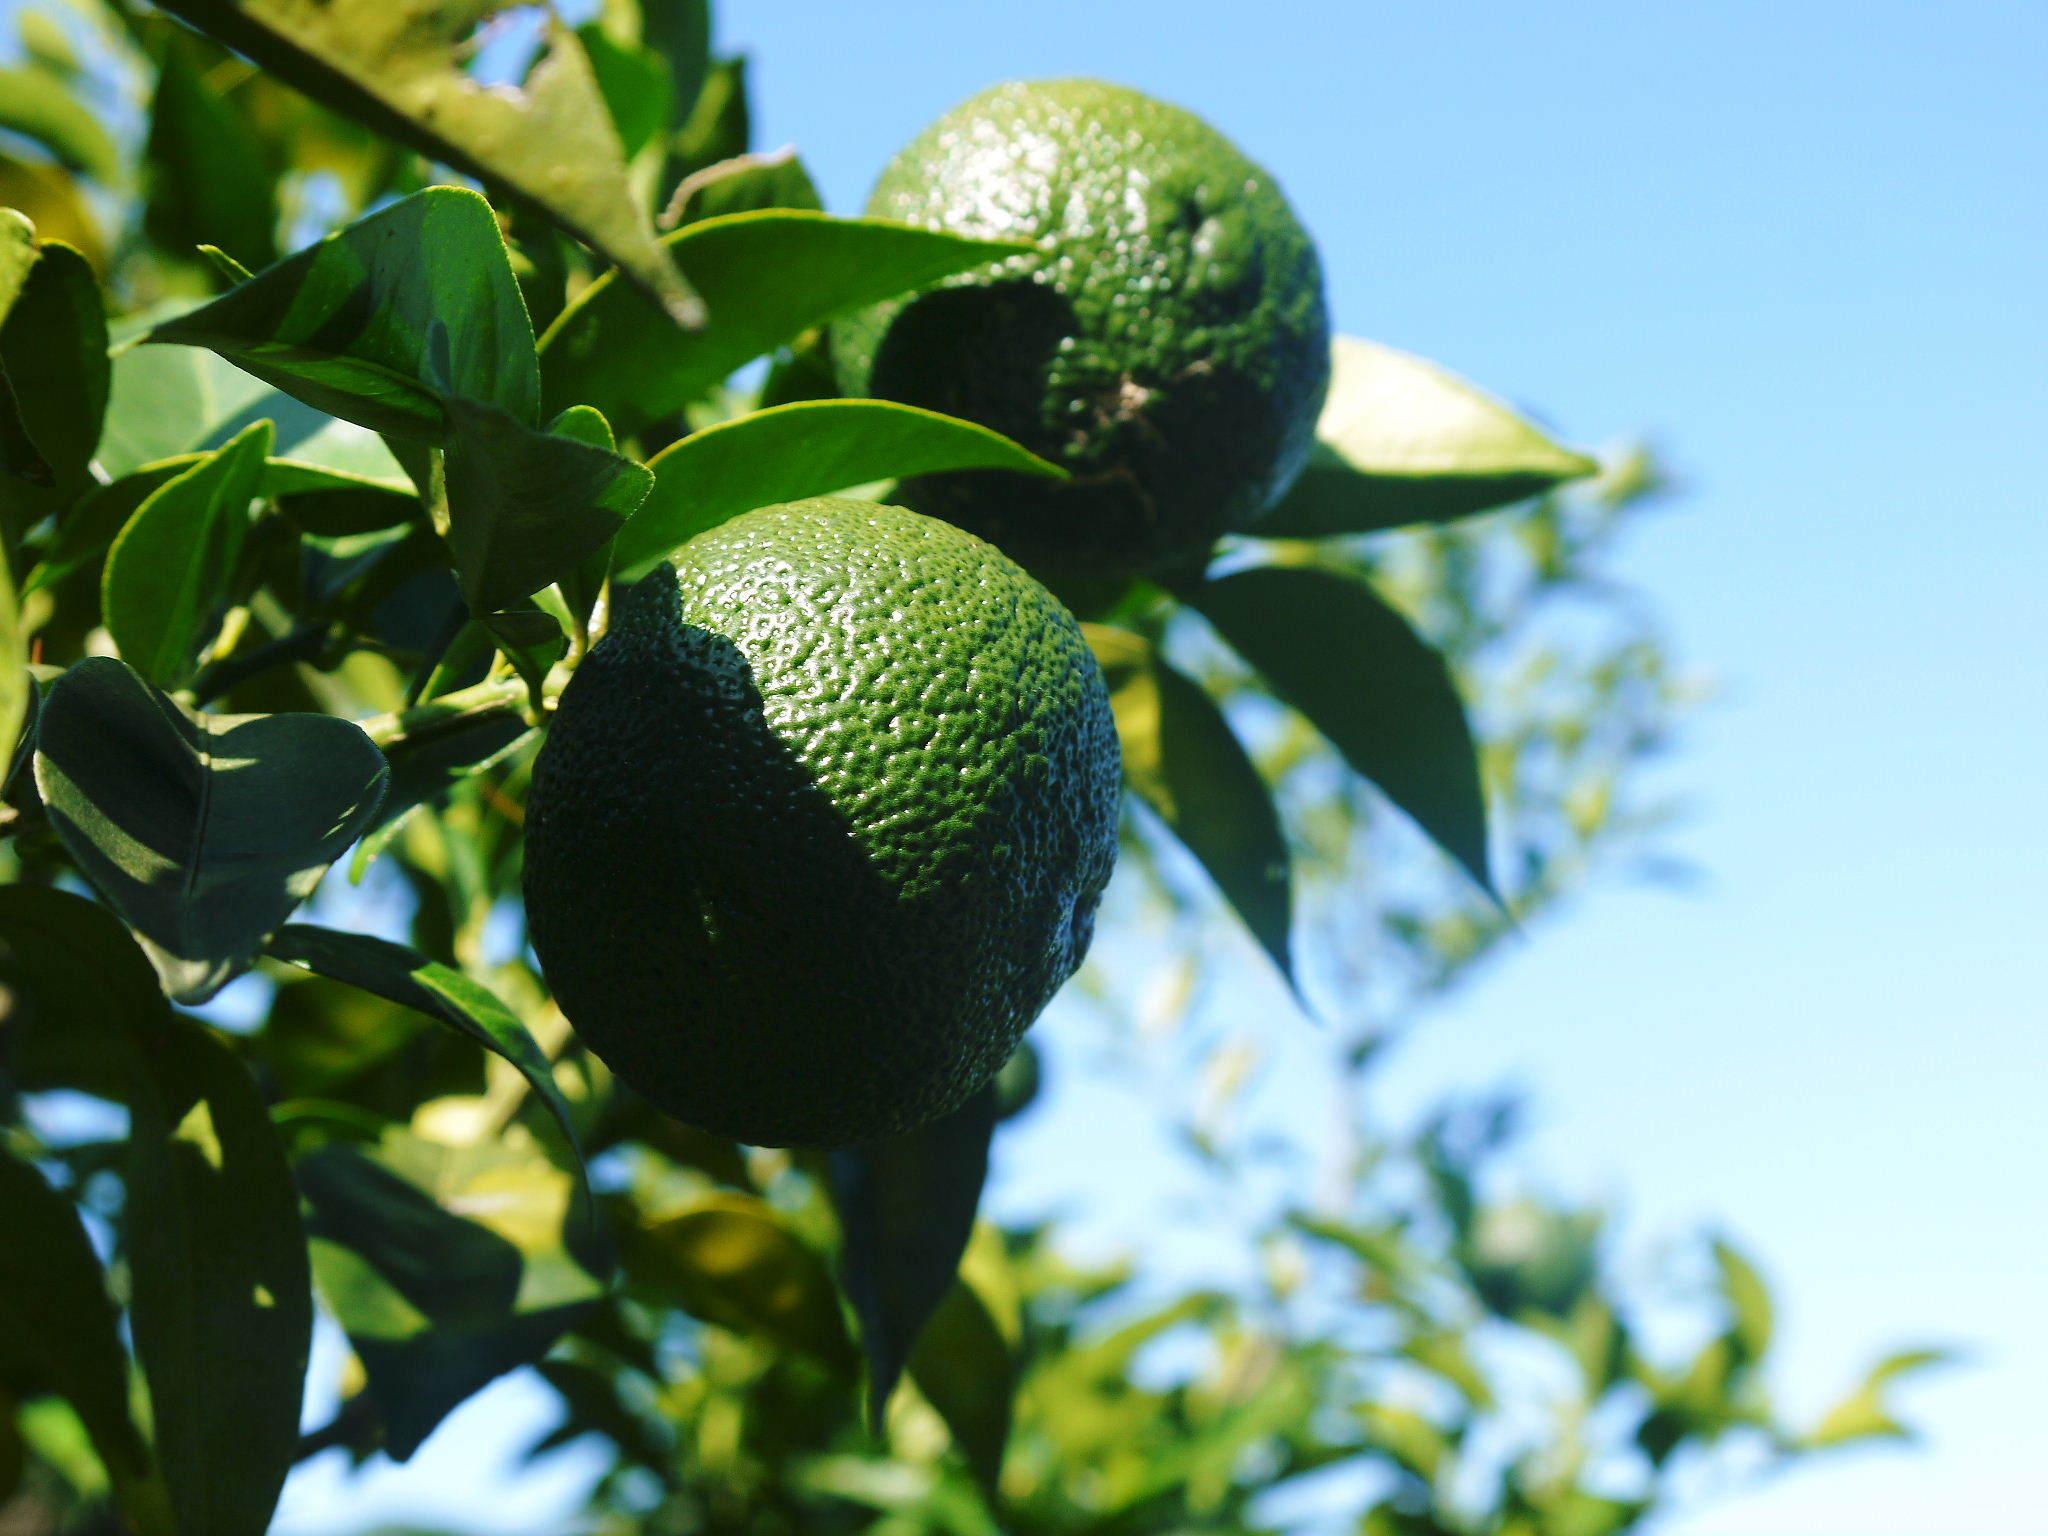 令和2年度の香り高き『青柚子』予約販売受付スタート!手作り「柚子こしょう」を作ってみませんか?_a0254656_17415913.jpg